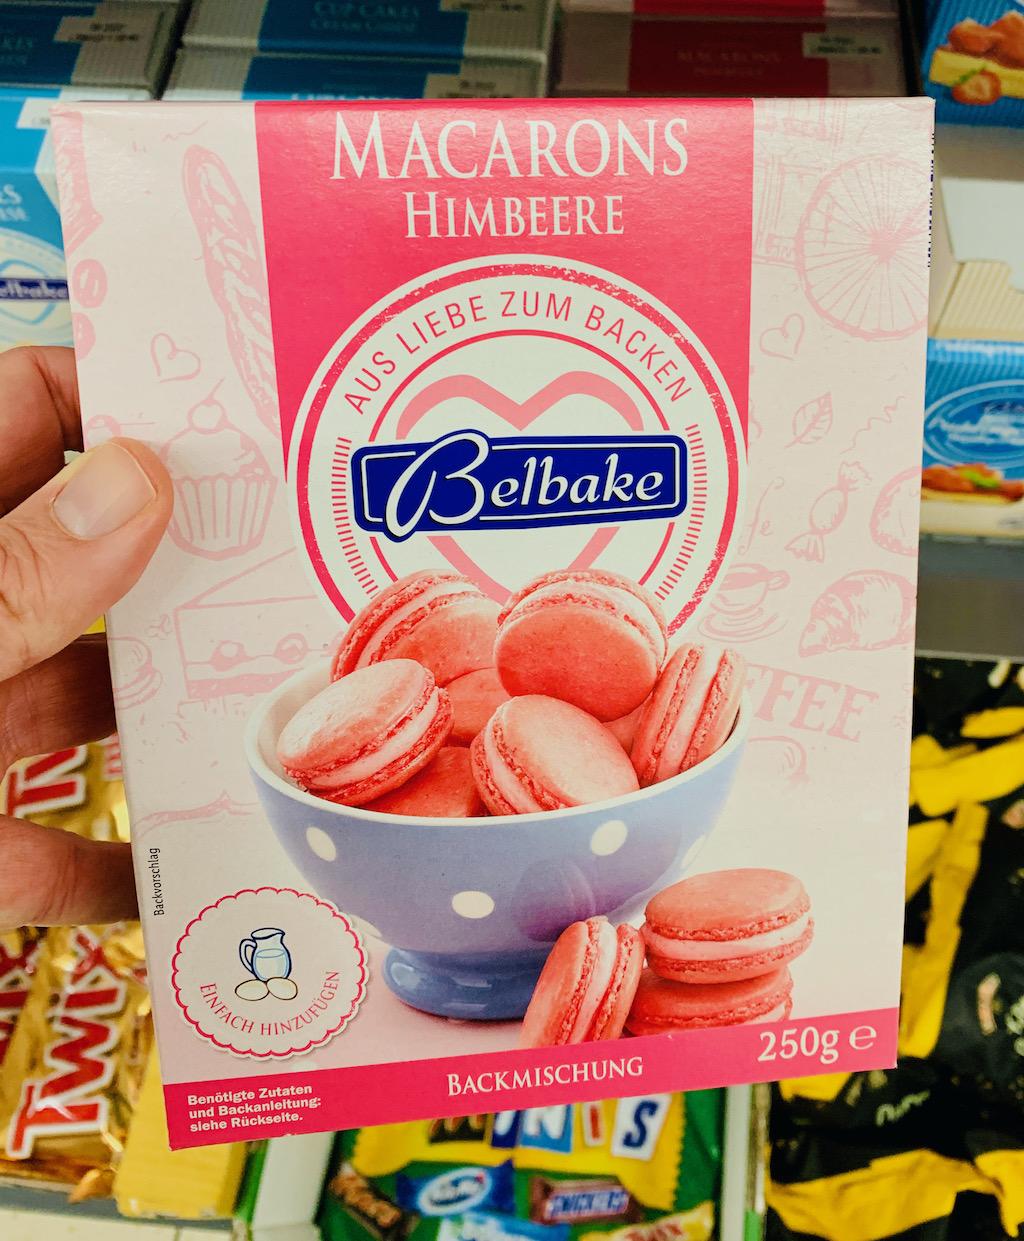 Belbake Backmischung Macarons Himbeere 250G